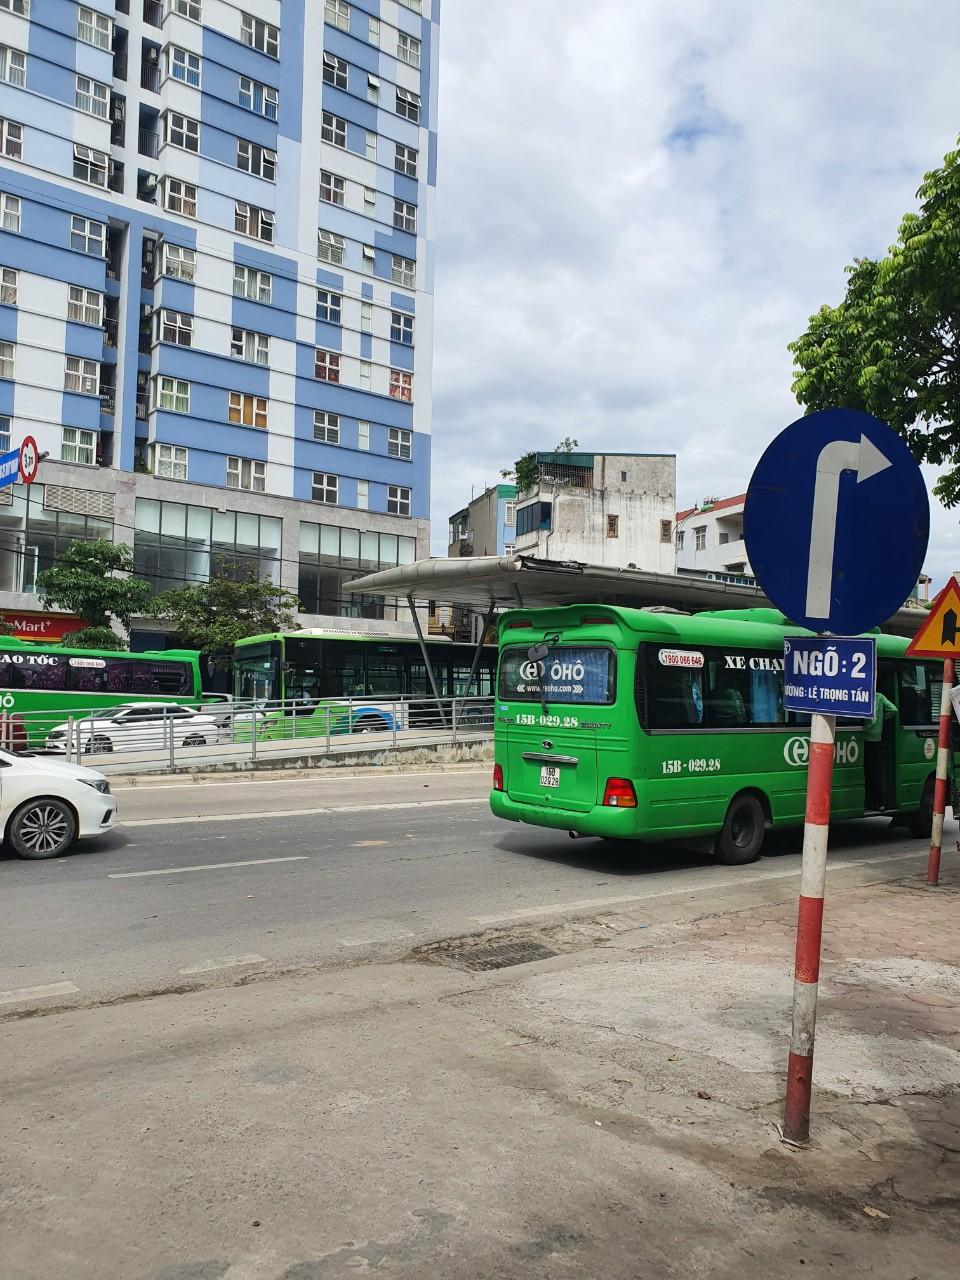 Dự án La Khê - 9, Xây 11 căn ở ngõ 2 - Lê Trọng Tấn - Hà Đông - Hà Nội